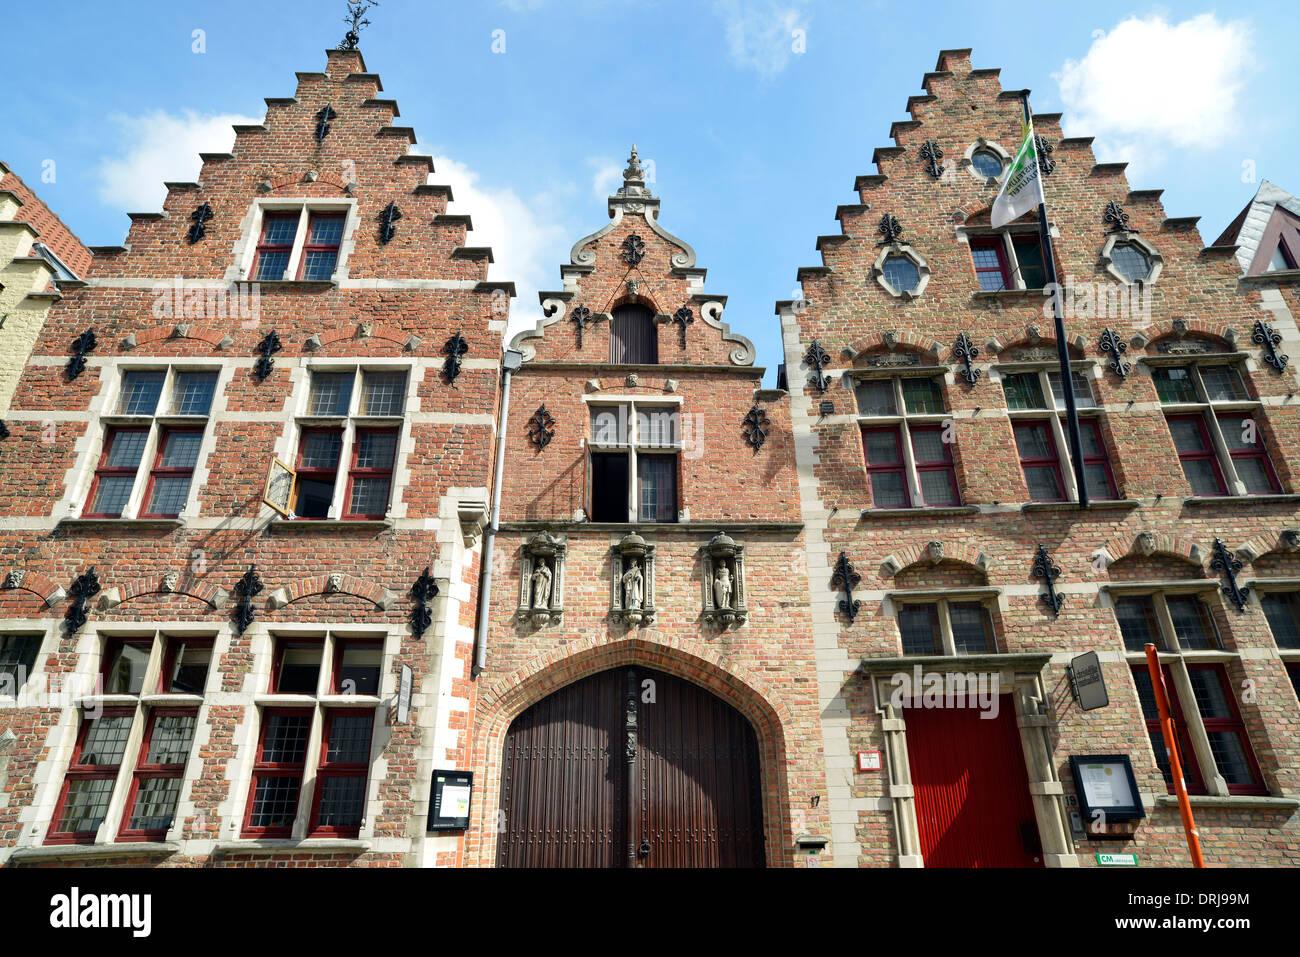 Guild Häuser, Altstadt, UNESCO-Weltkulturerbe Brügge, Flandern, Belgien, Europa, Zunfthäuser, Altstadt, UNESCO Weltkult Stockbild